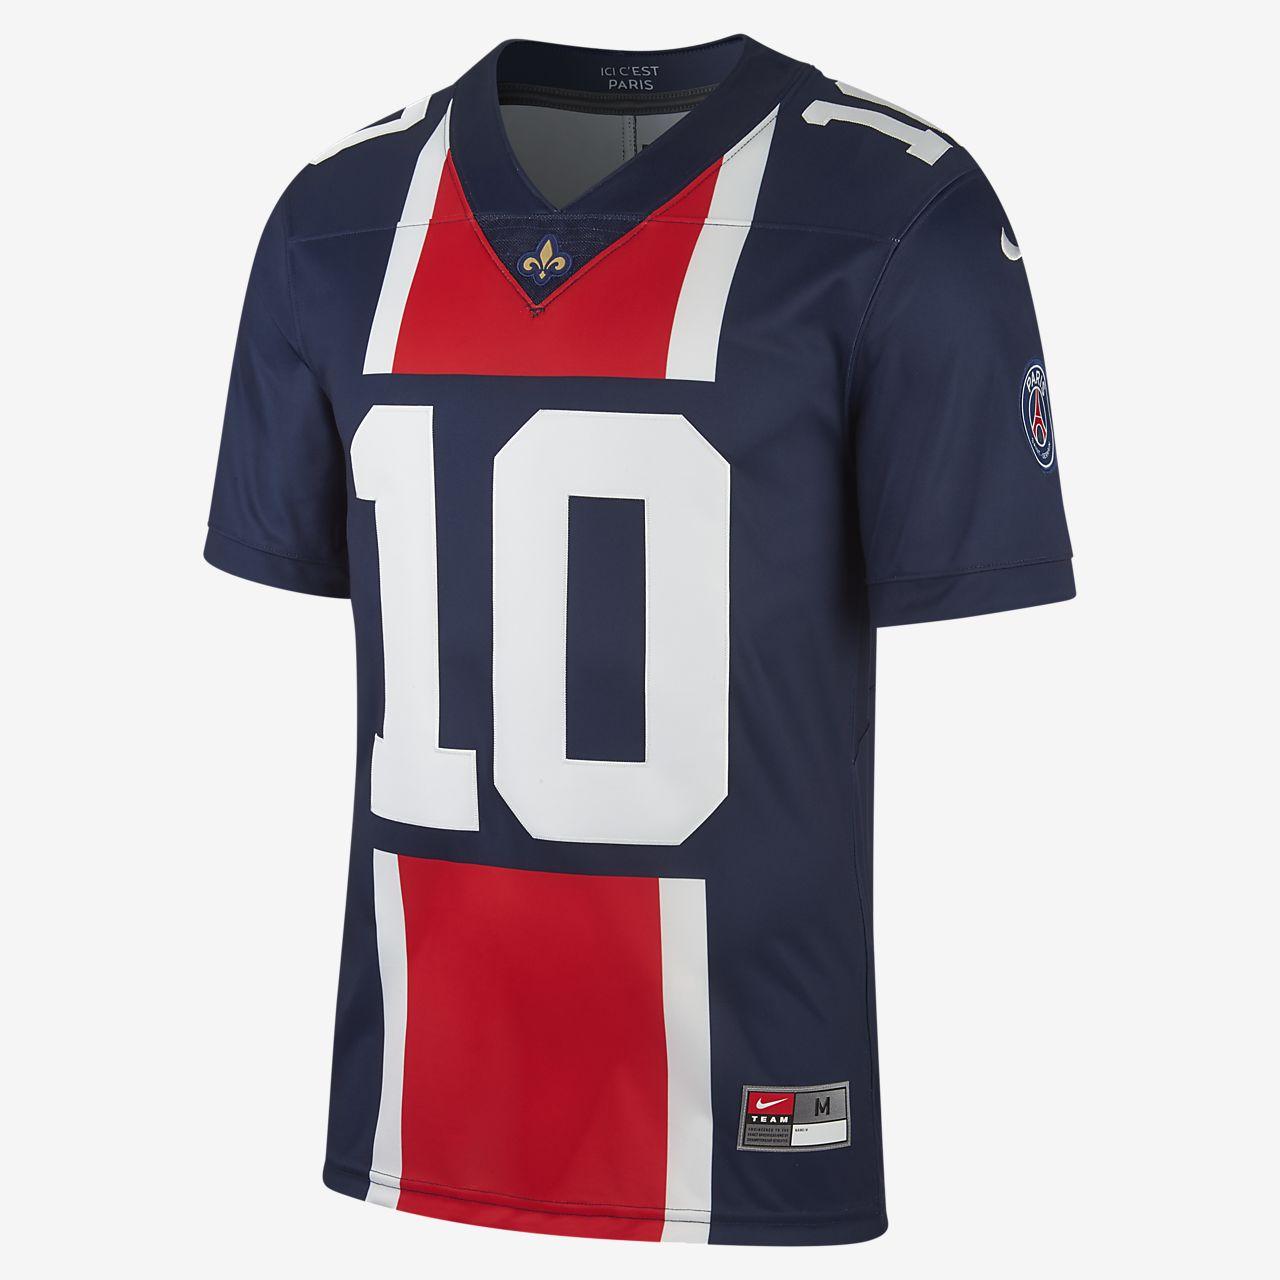 巴黎圣日耳曼 Limited Jersey男子美式橄榄球球衣